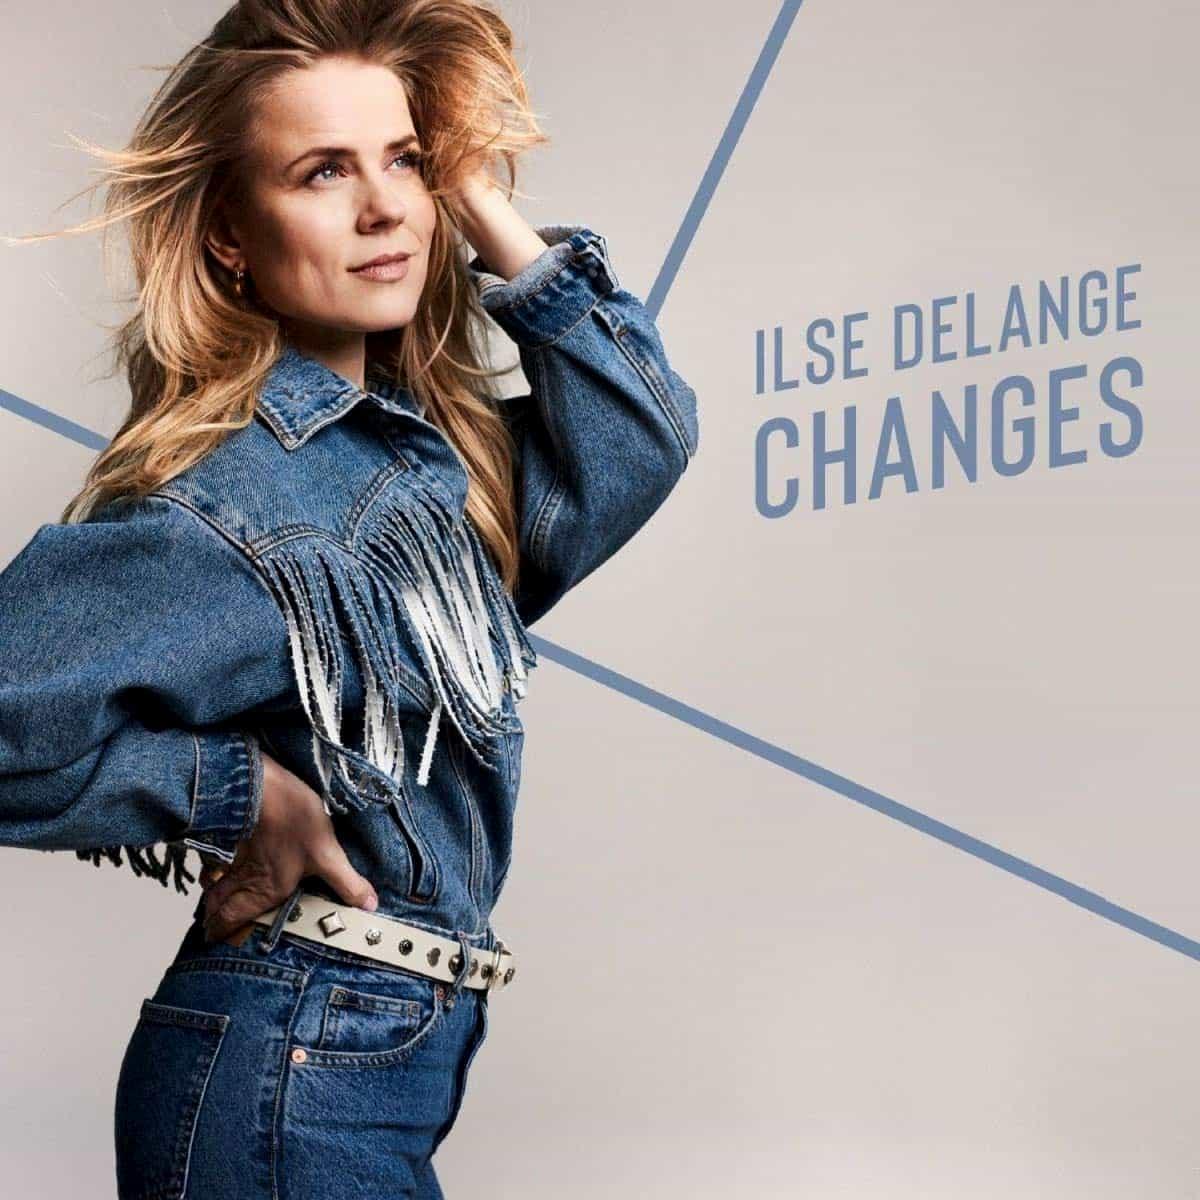 Ilse DeLange veröffentlicht neues Album Changes - moderne Country-Musik mit viel Gefühl